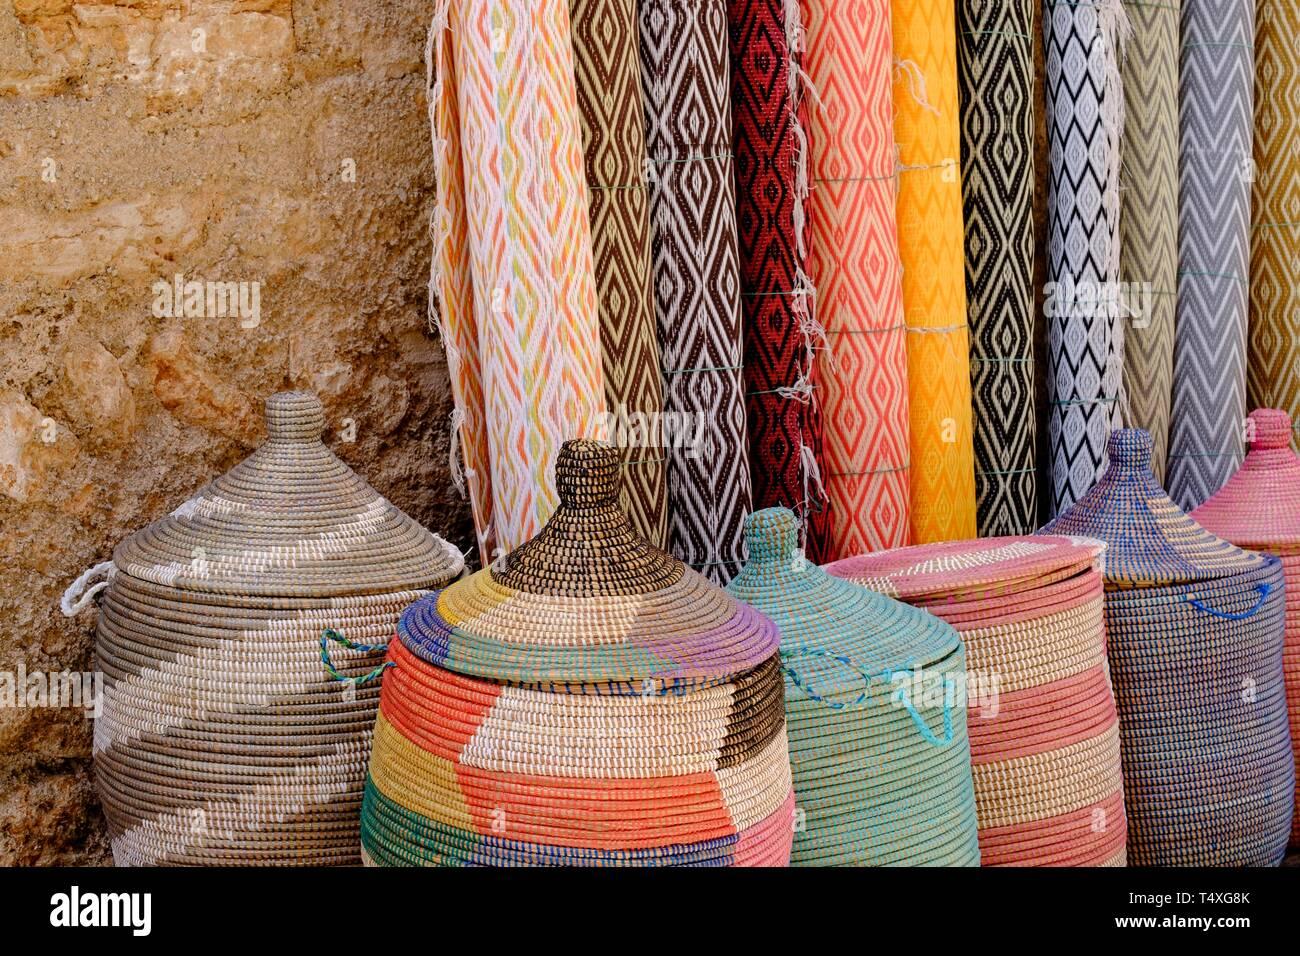 bf20b510c3f2 Mercado De Artesanía Imágenes De Stock   Mercado De Artesanía Fotos ...